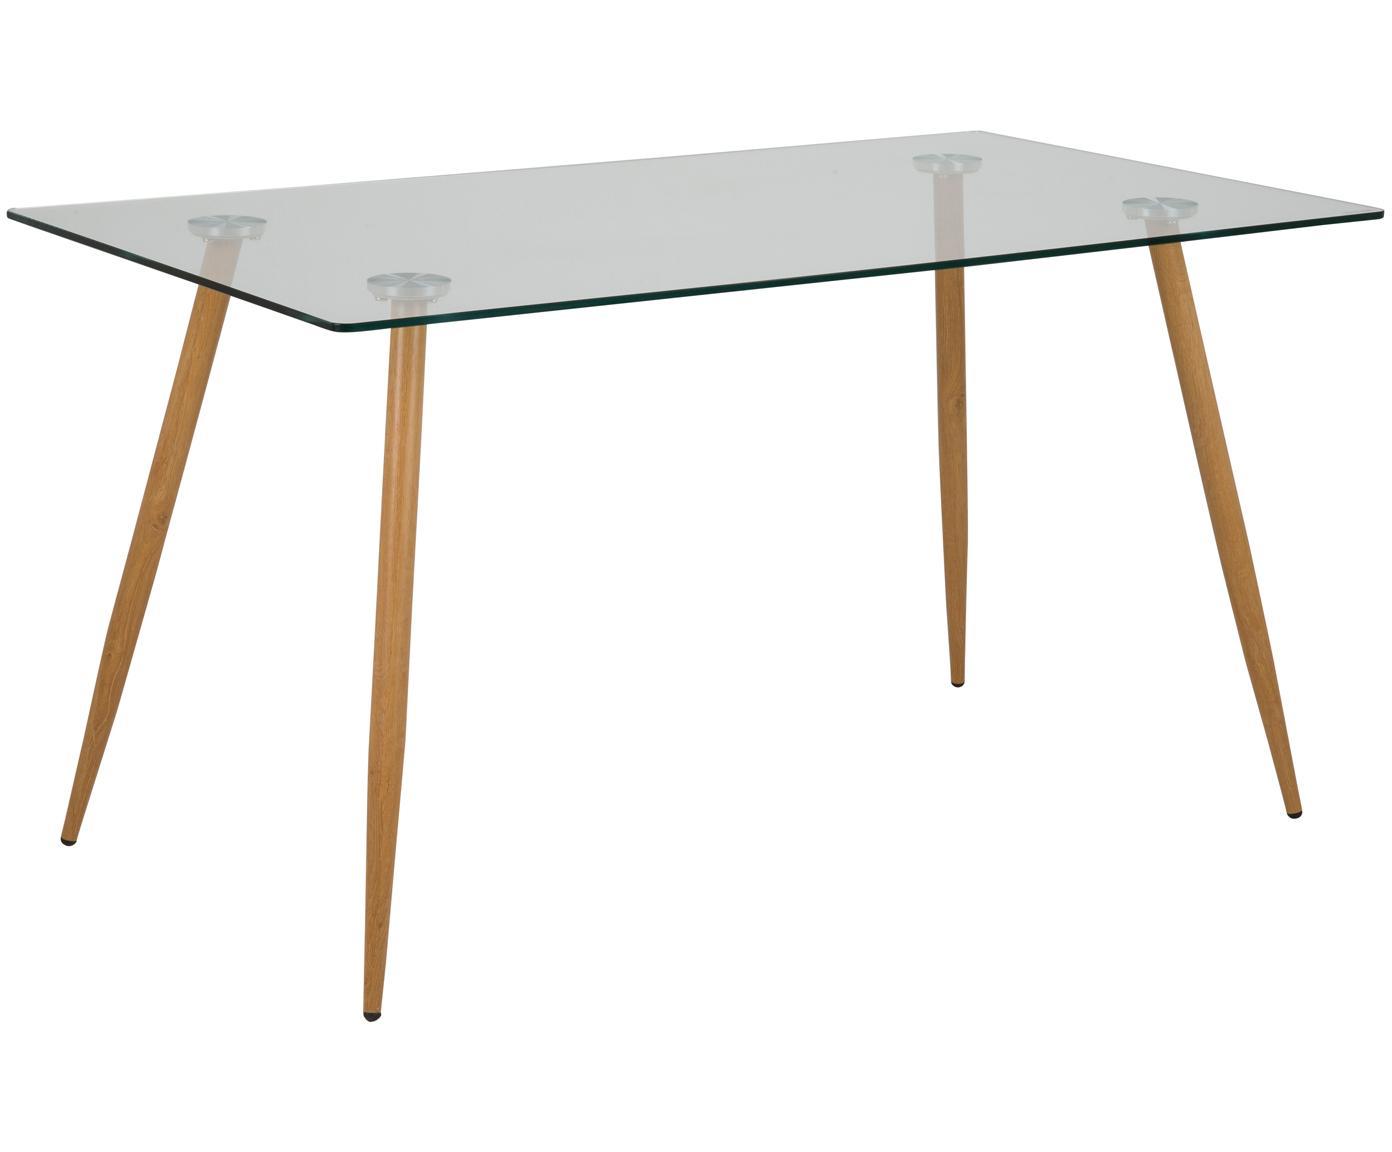 Glas-Esstisch Wilma mit Holzbeinen, Tischplatte: Sicherheitsglas, Beine: Metall, mit Lackierung in, Tischplatte: Transparent<br>Befestigung: Metall<br>Beine: Eiche, B 140 x T 80 cm